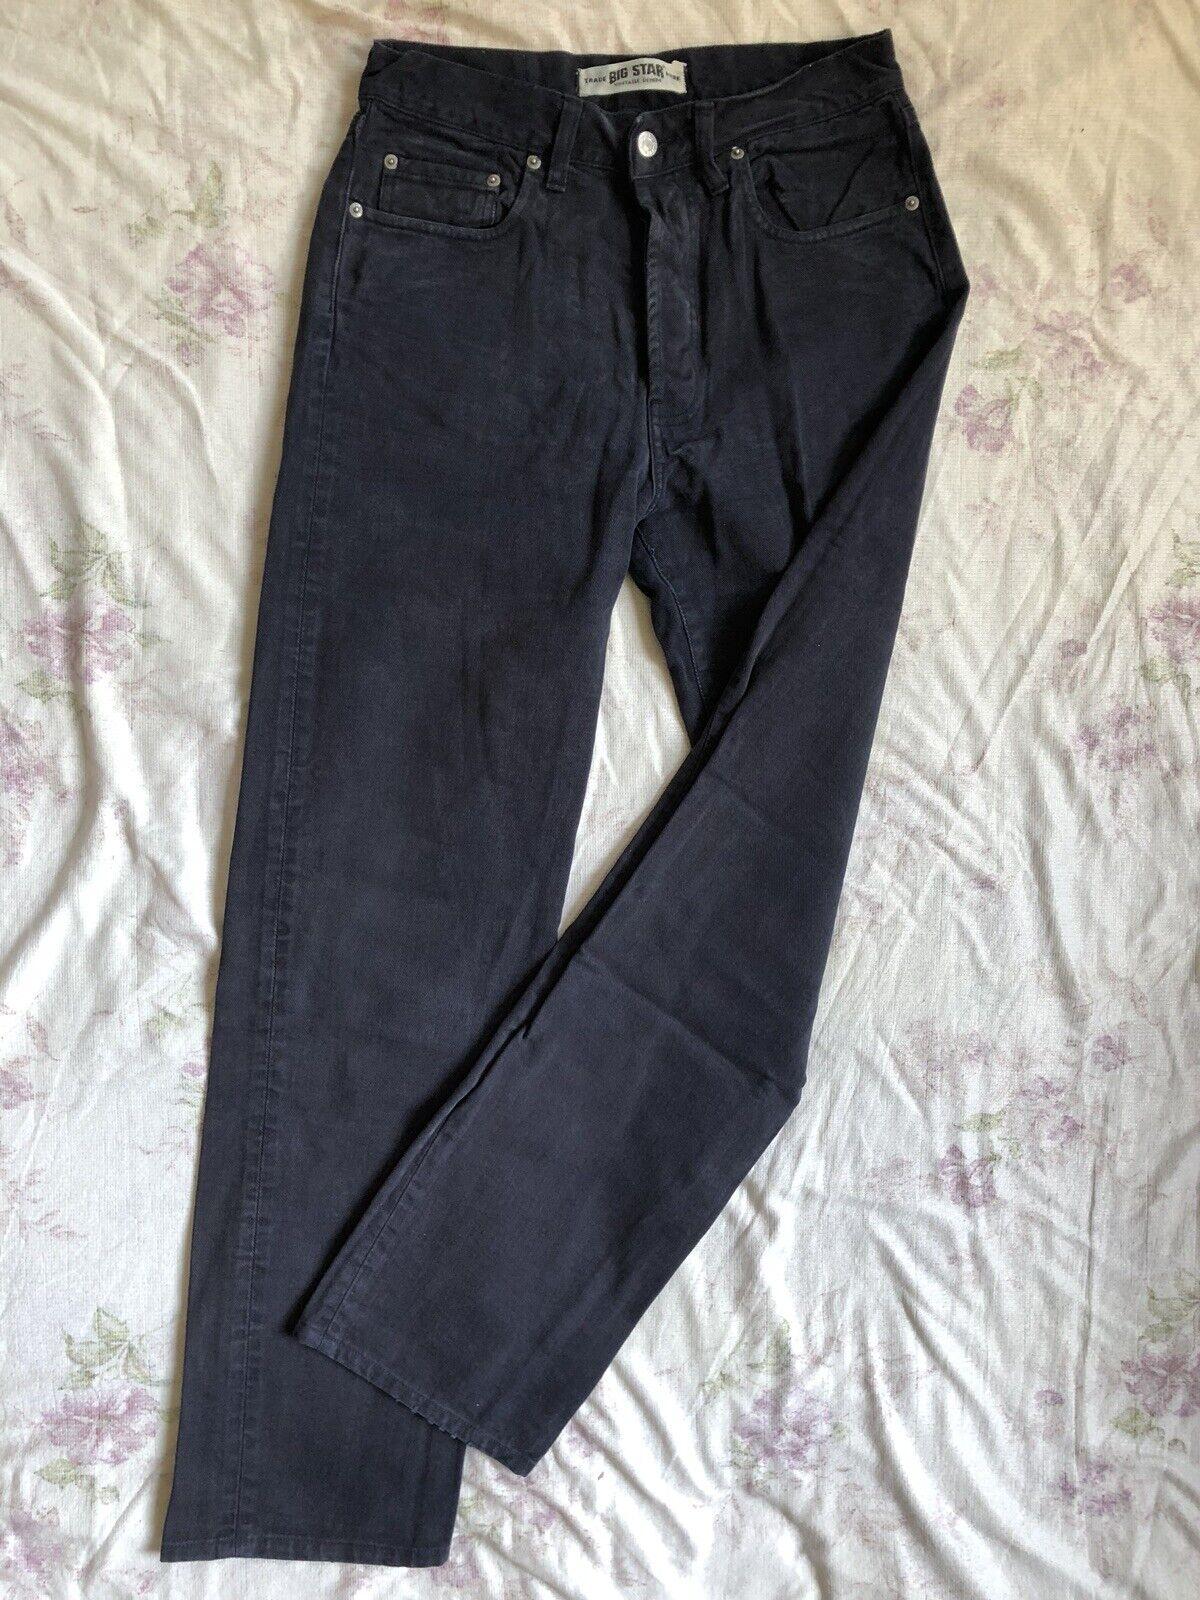 BIG STAR Classic bluee Jeans W33 L34 high waist regular fit straight leg